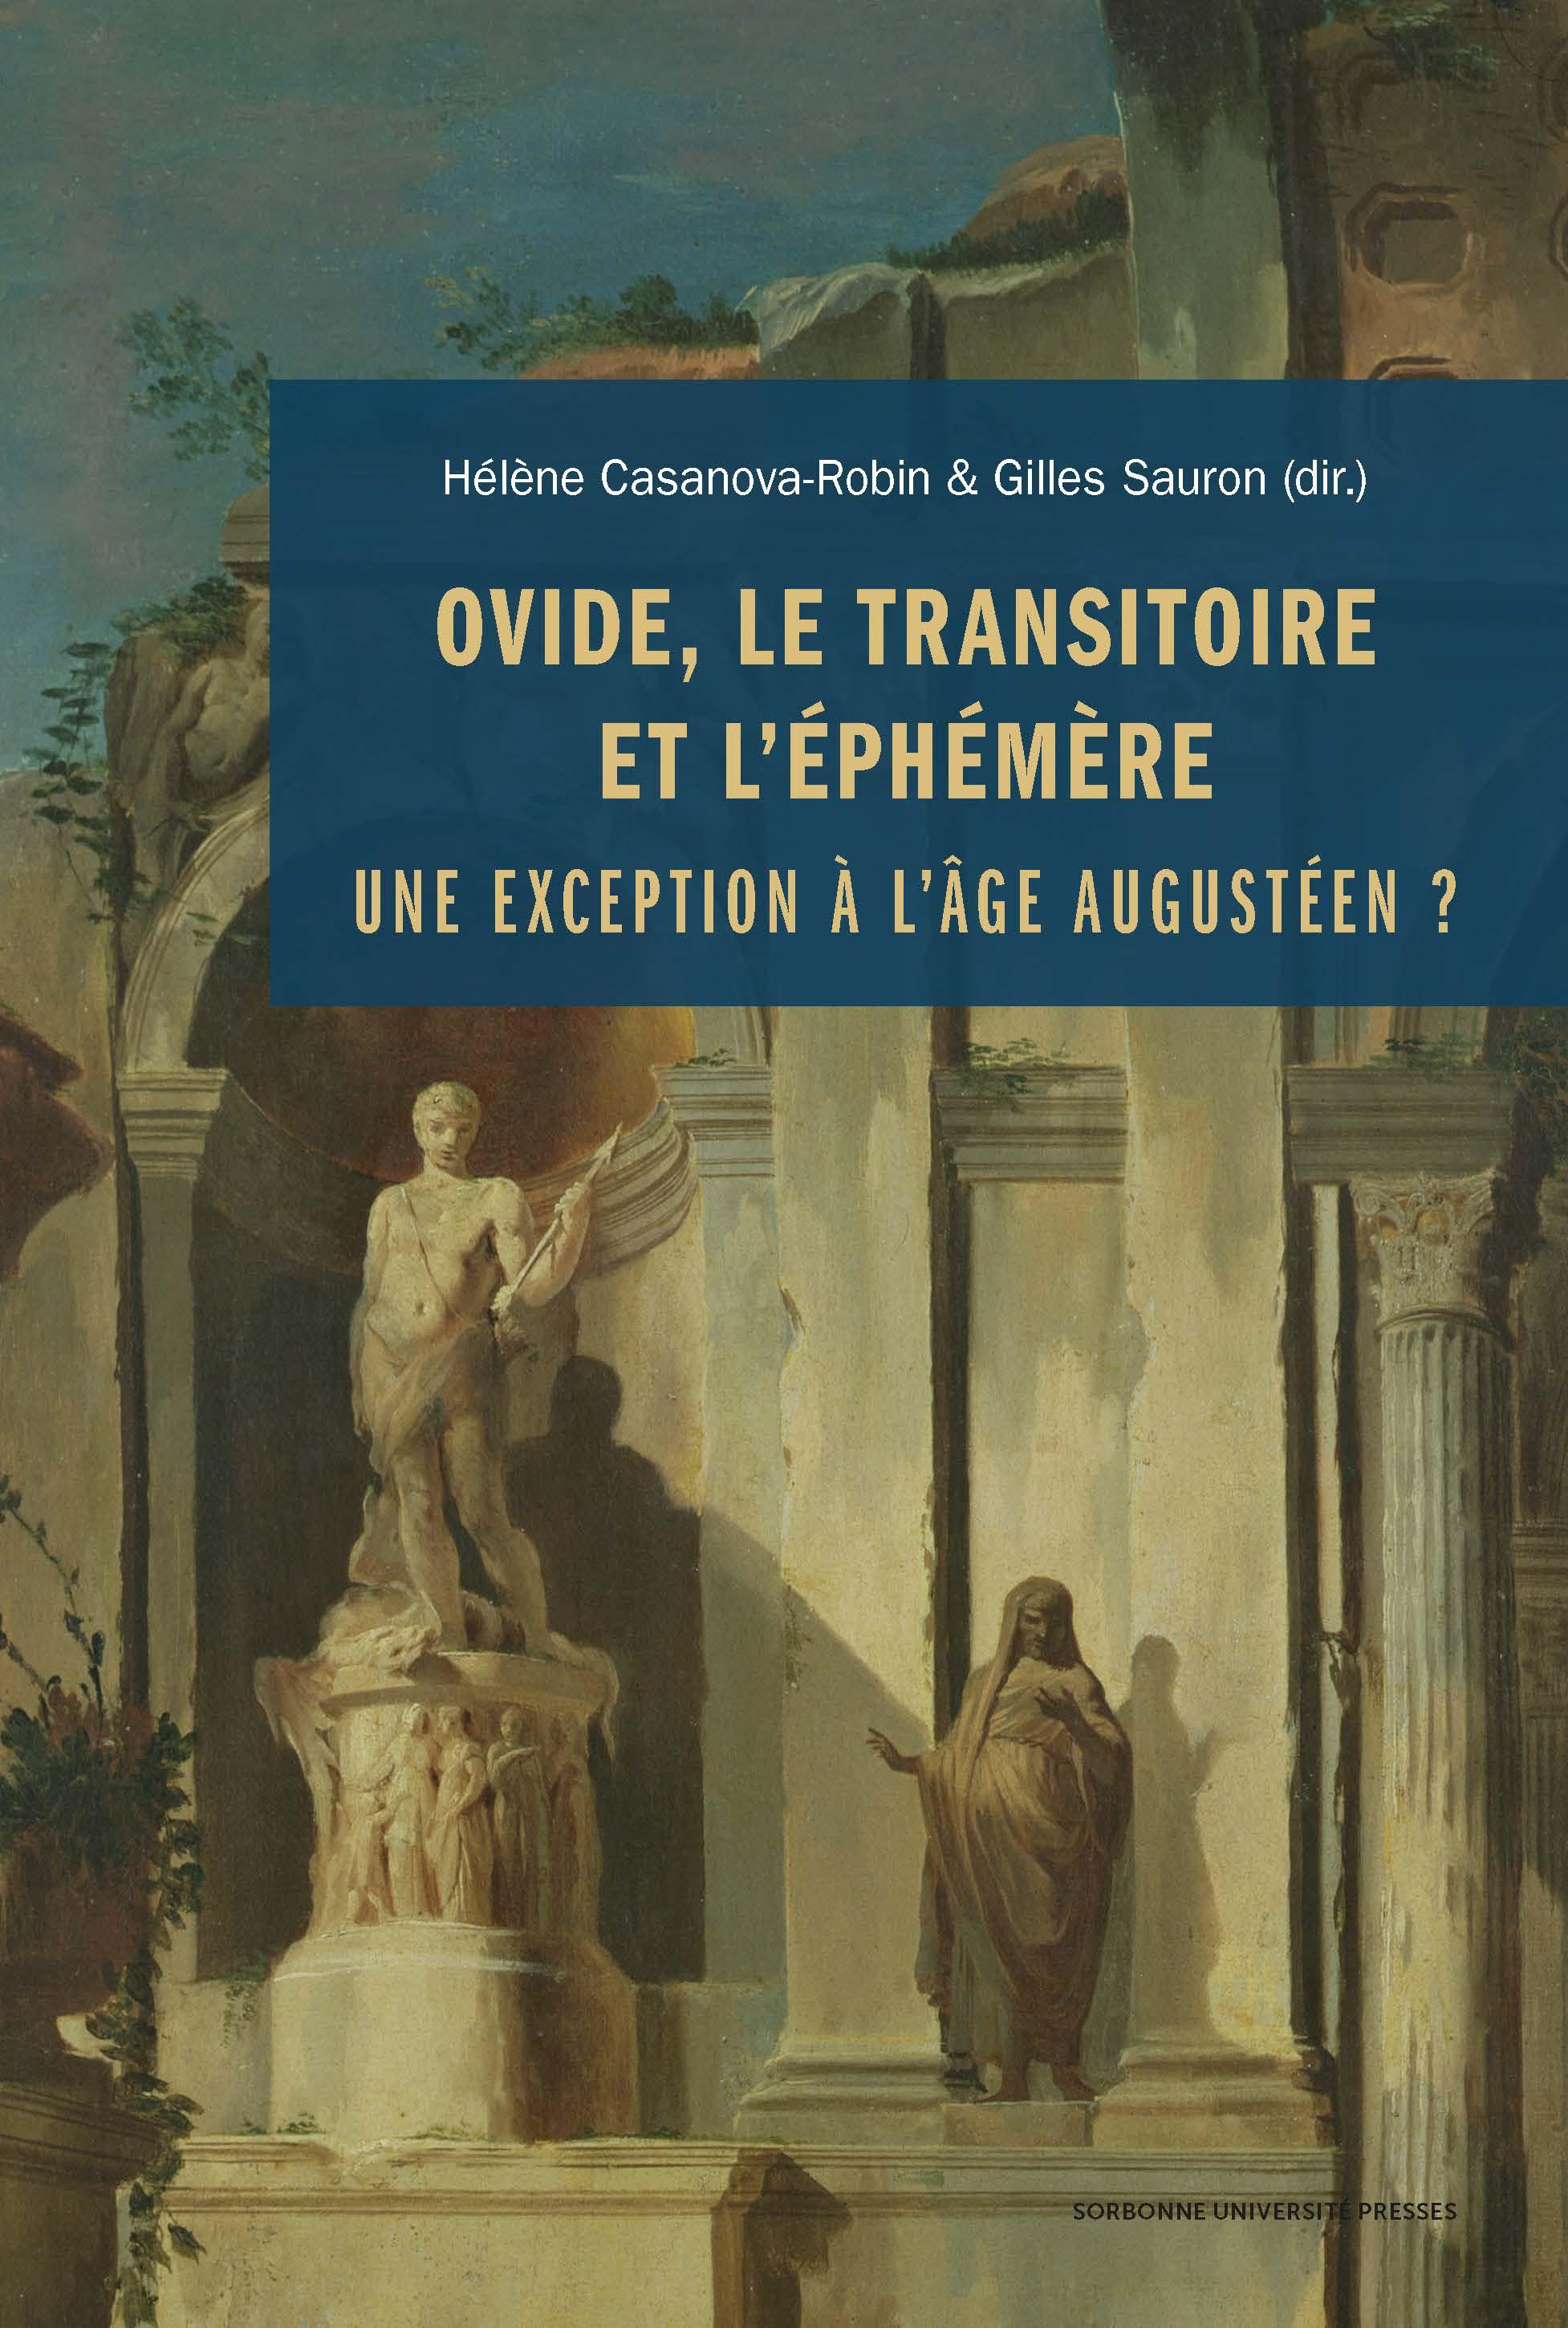 H. Casanova-Robin, G. Sauron (dir.), Ovide, le transitoire et l'éphémère. Une exception à l'âge augustéen?